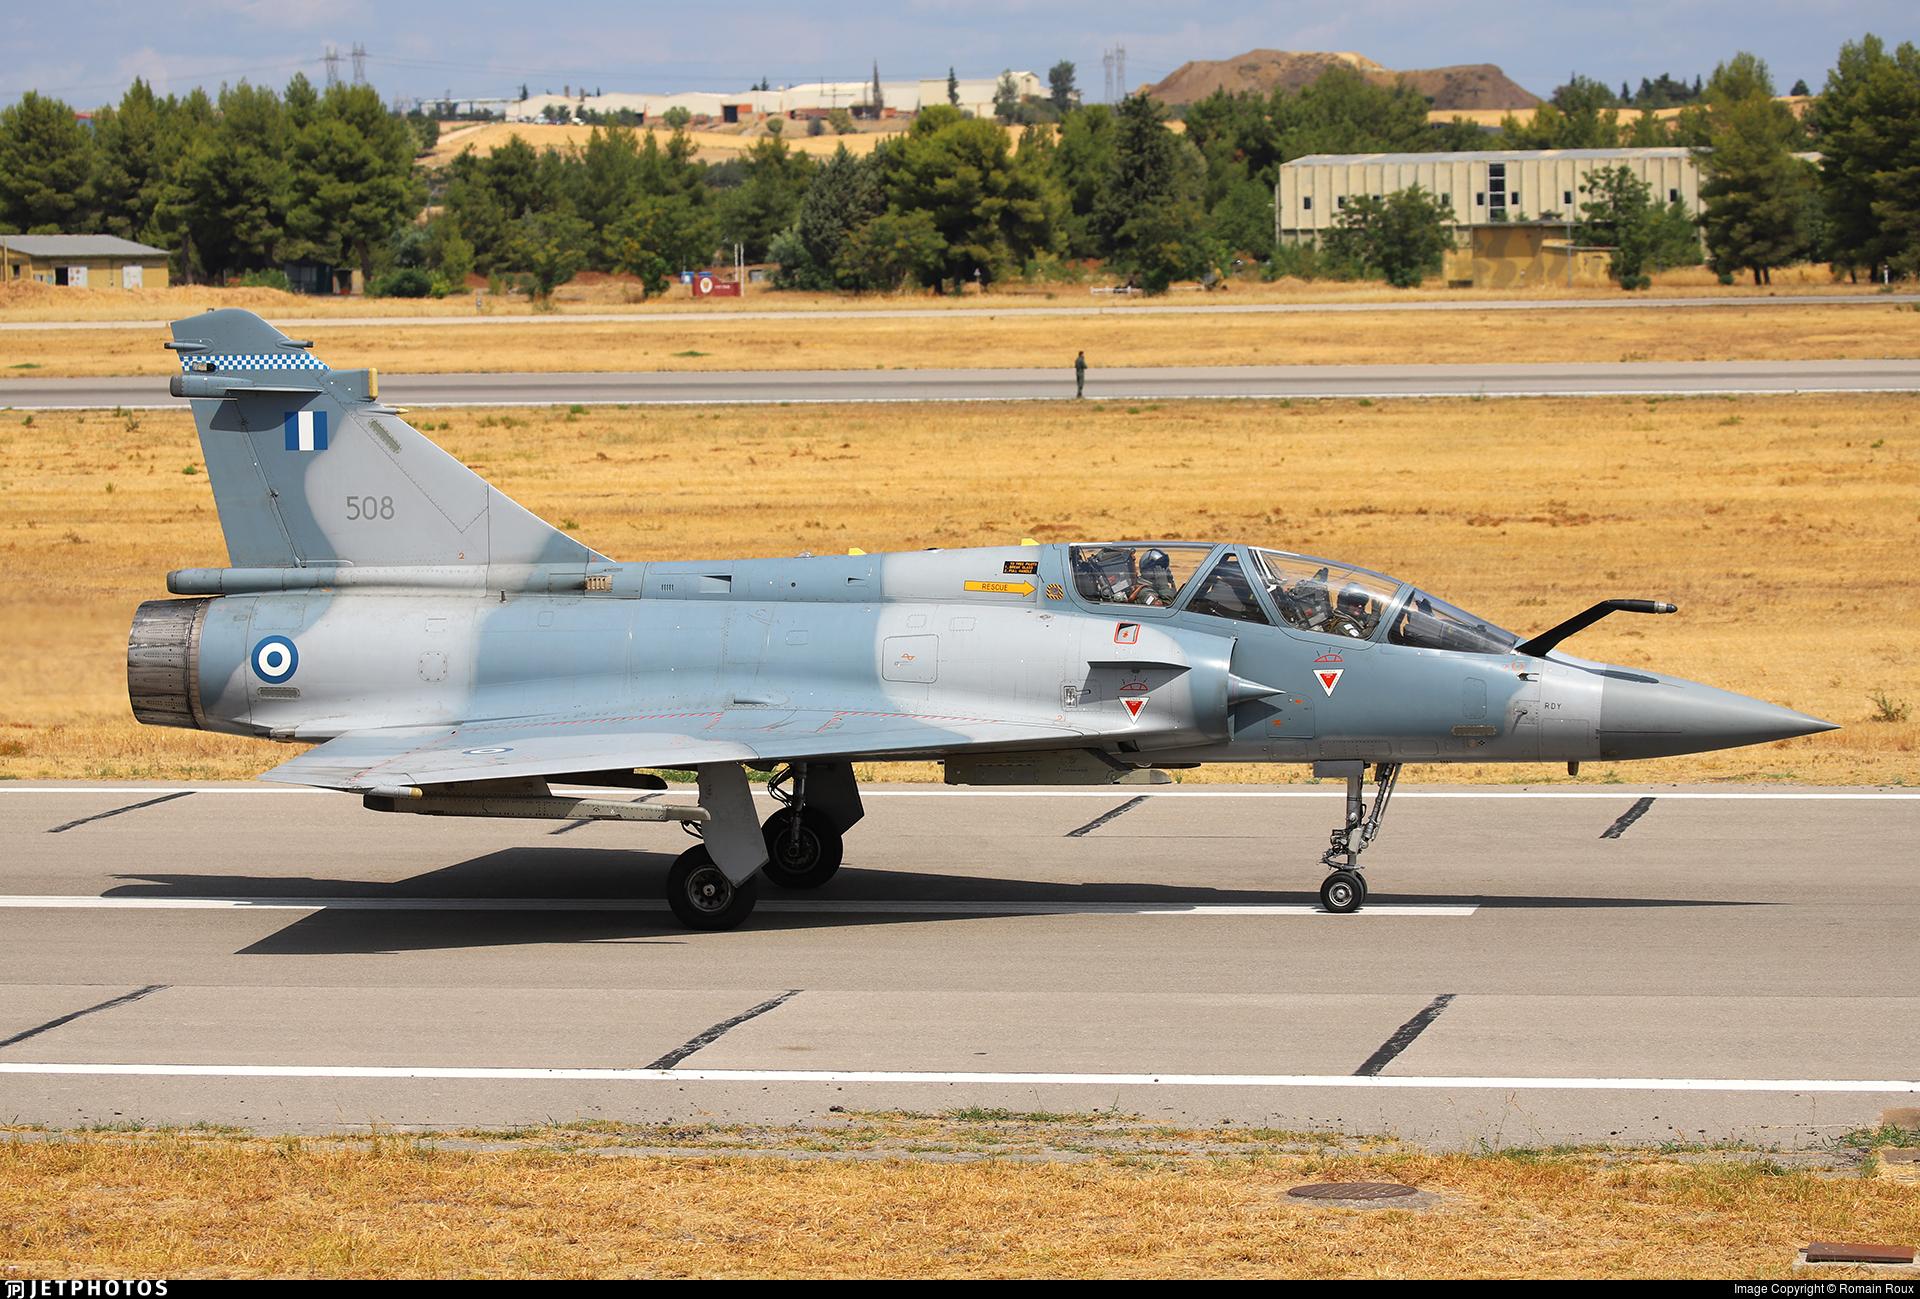 508 - Dassault Mirage 2000B - Greece - Air Force